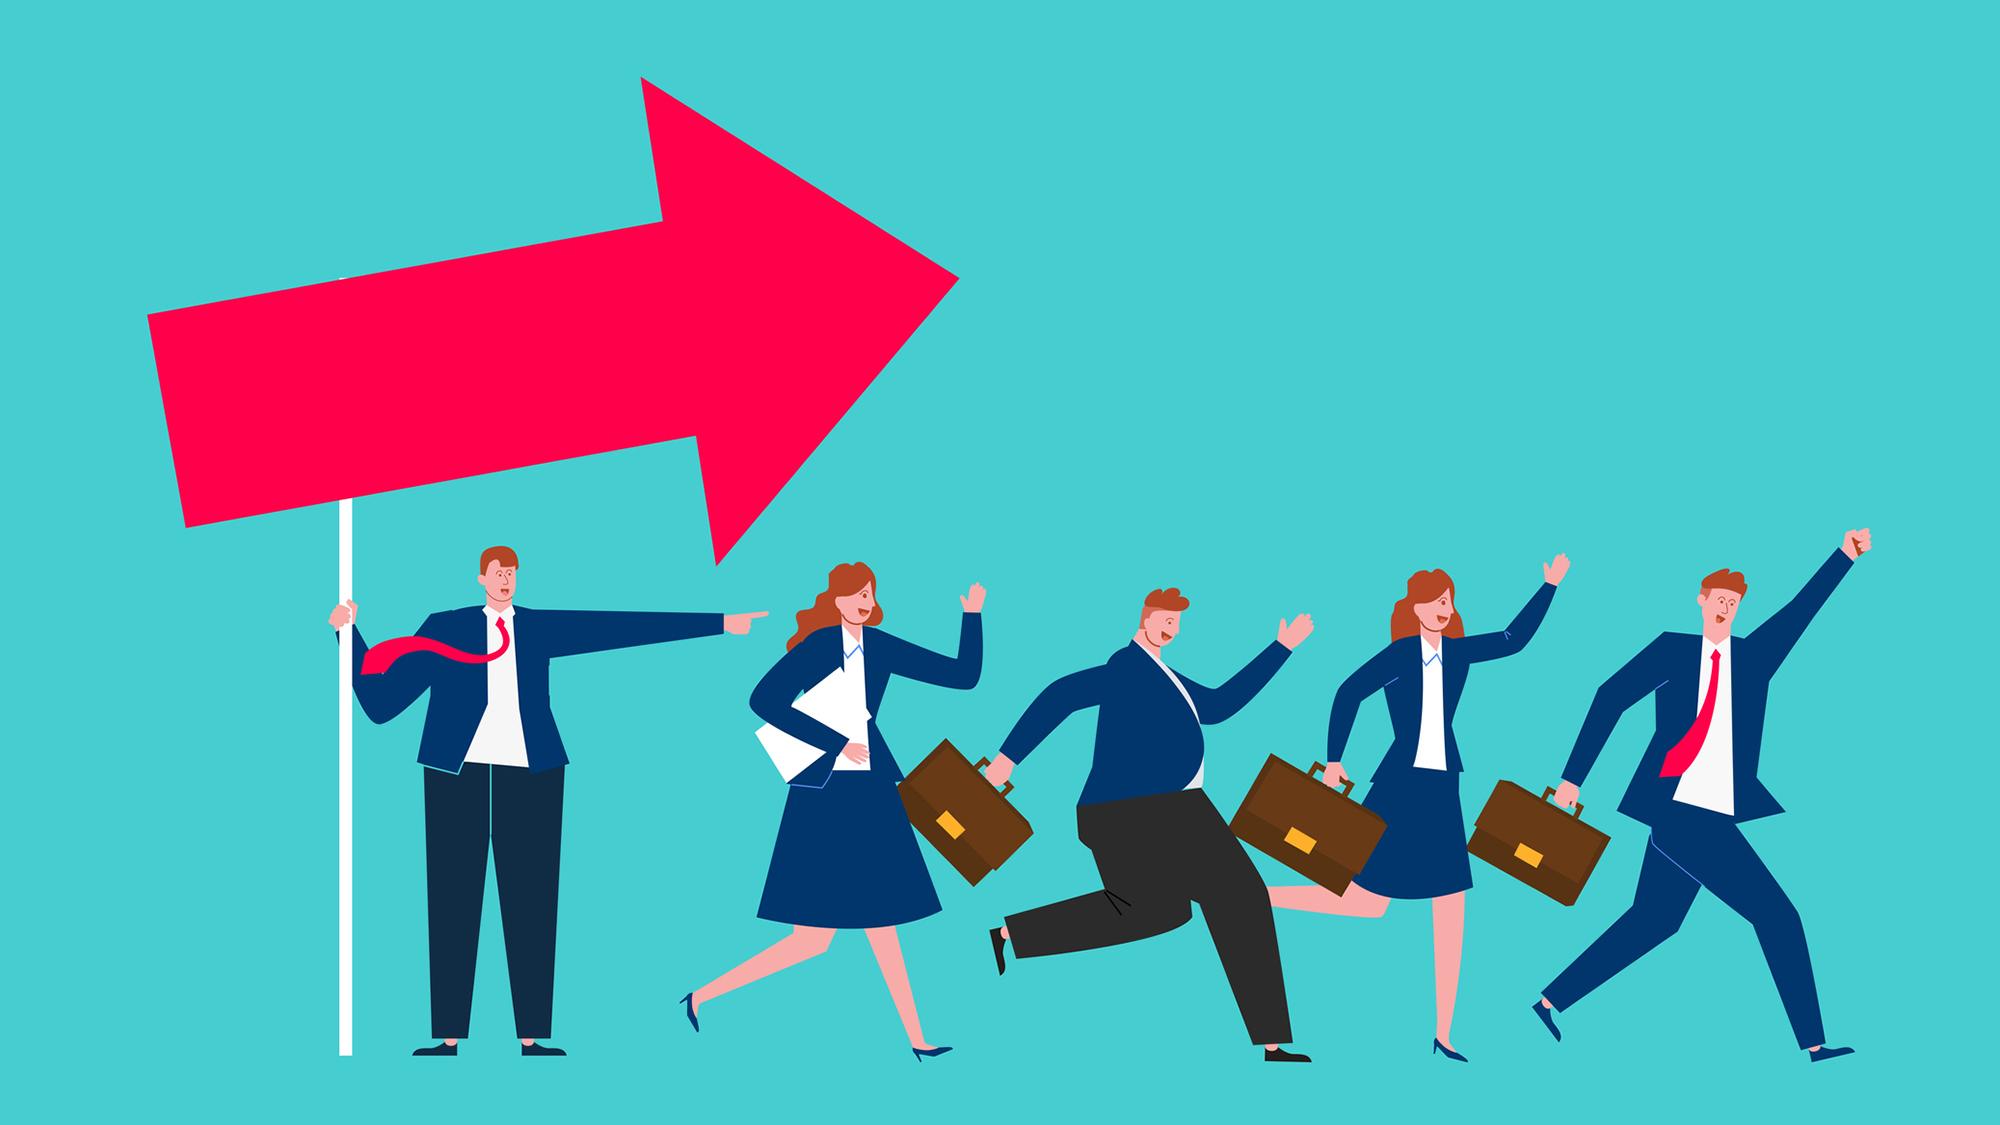 Praxisnahe Führungsratgeber